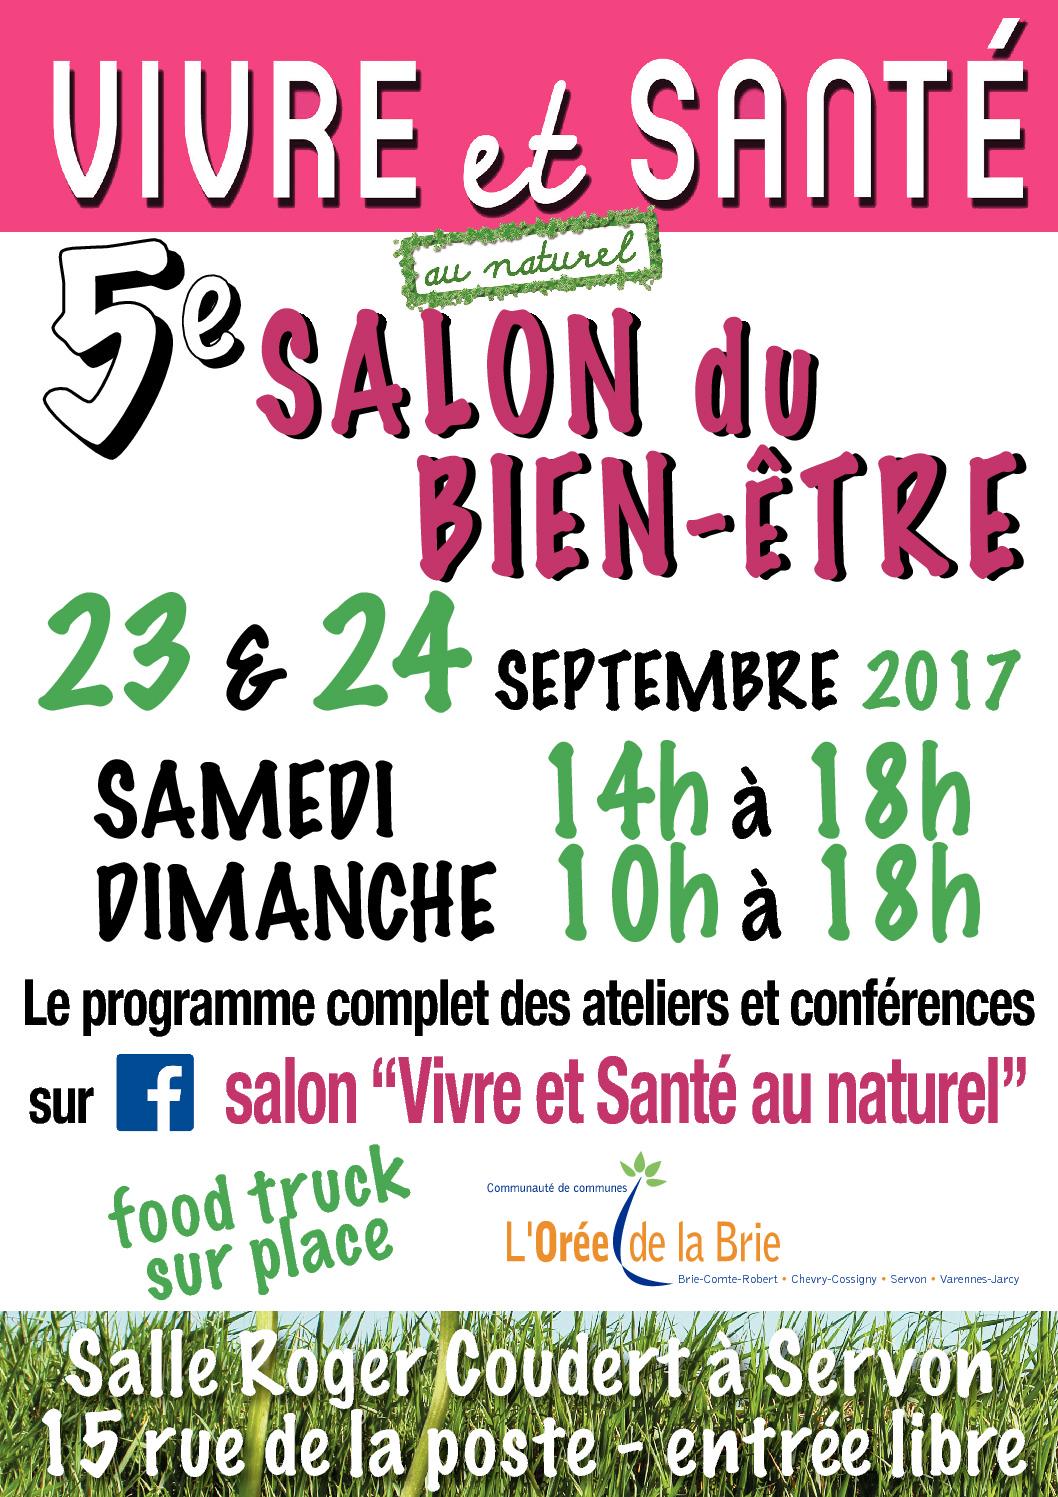 thumbnail of Affiche Salon Vivre et Santé au naturel 2017